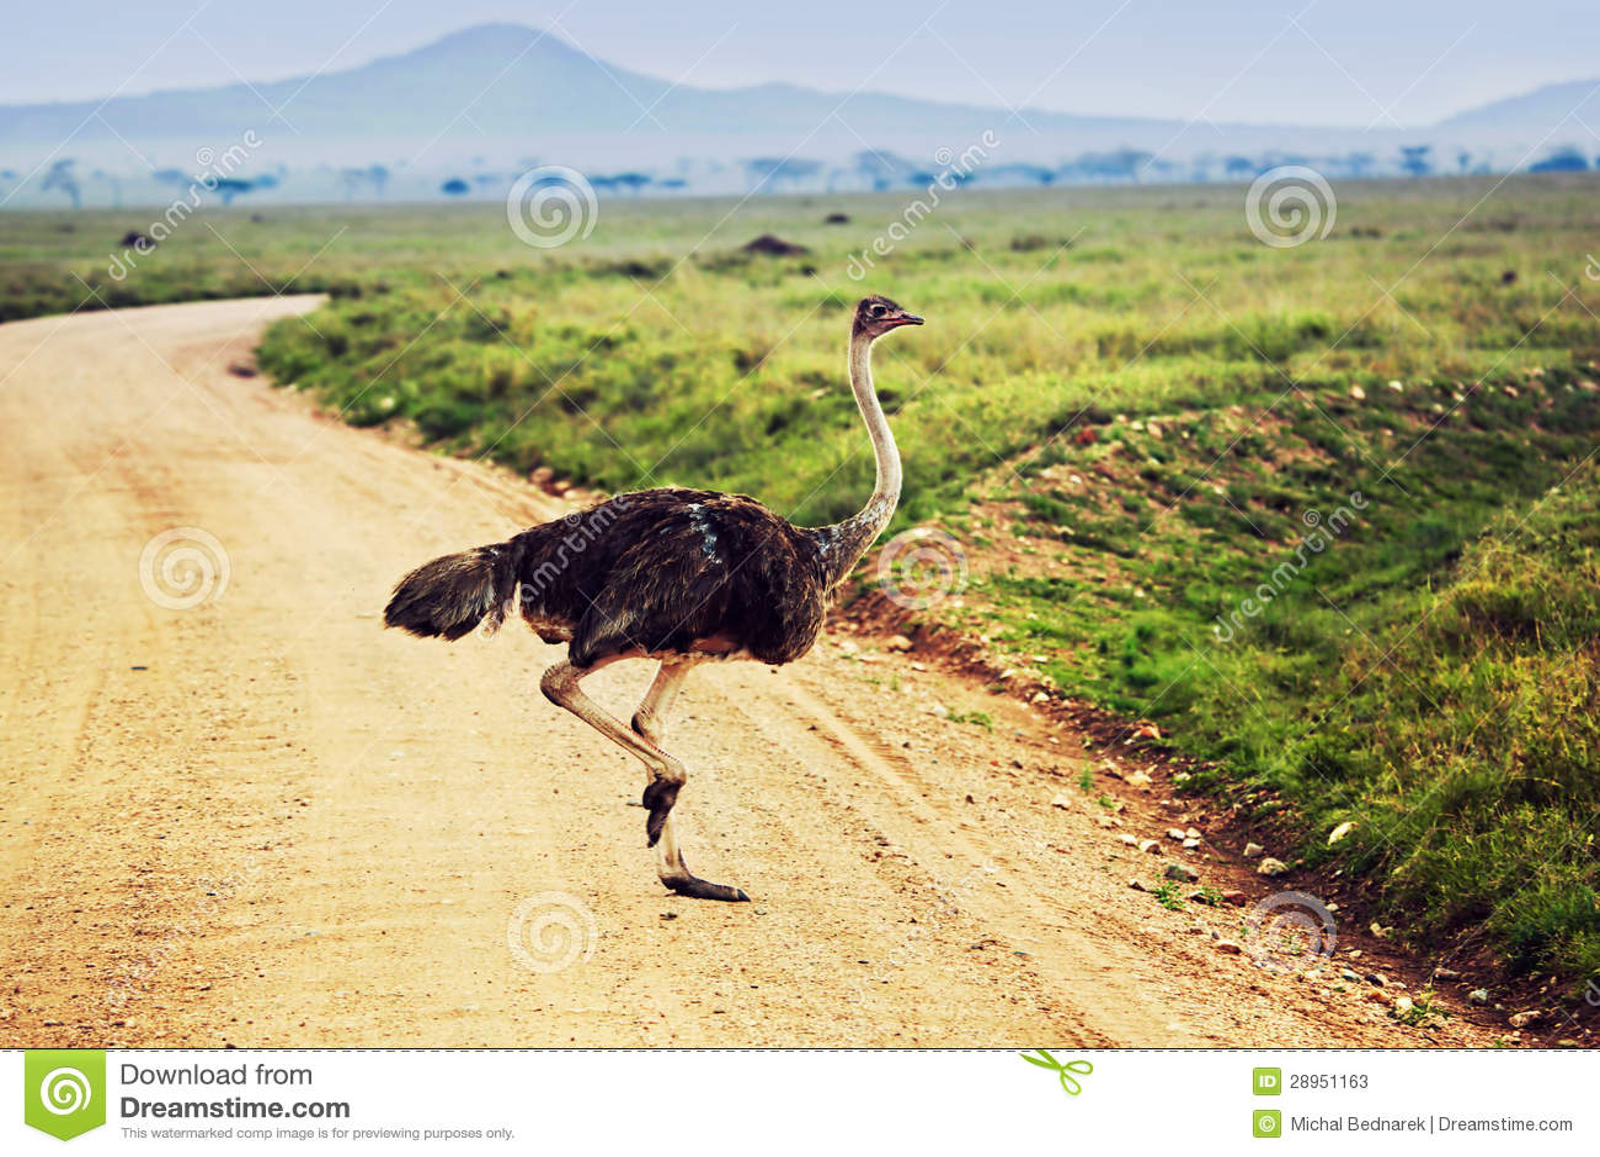 Struś na sawannie, safari w Tanzania, Afryka